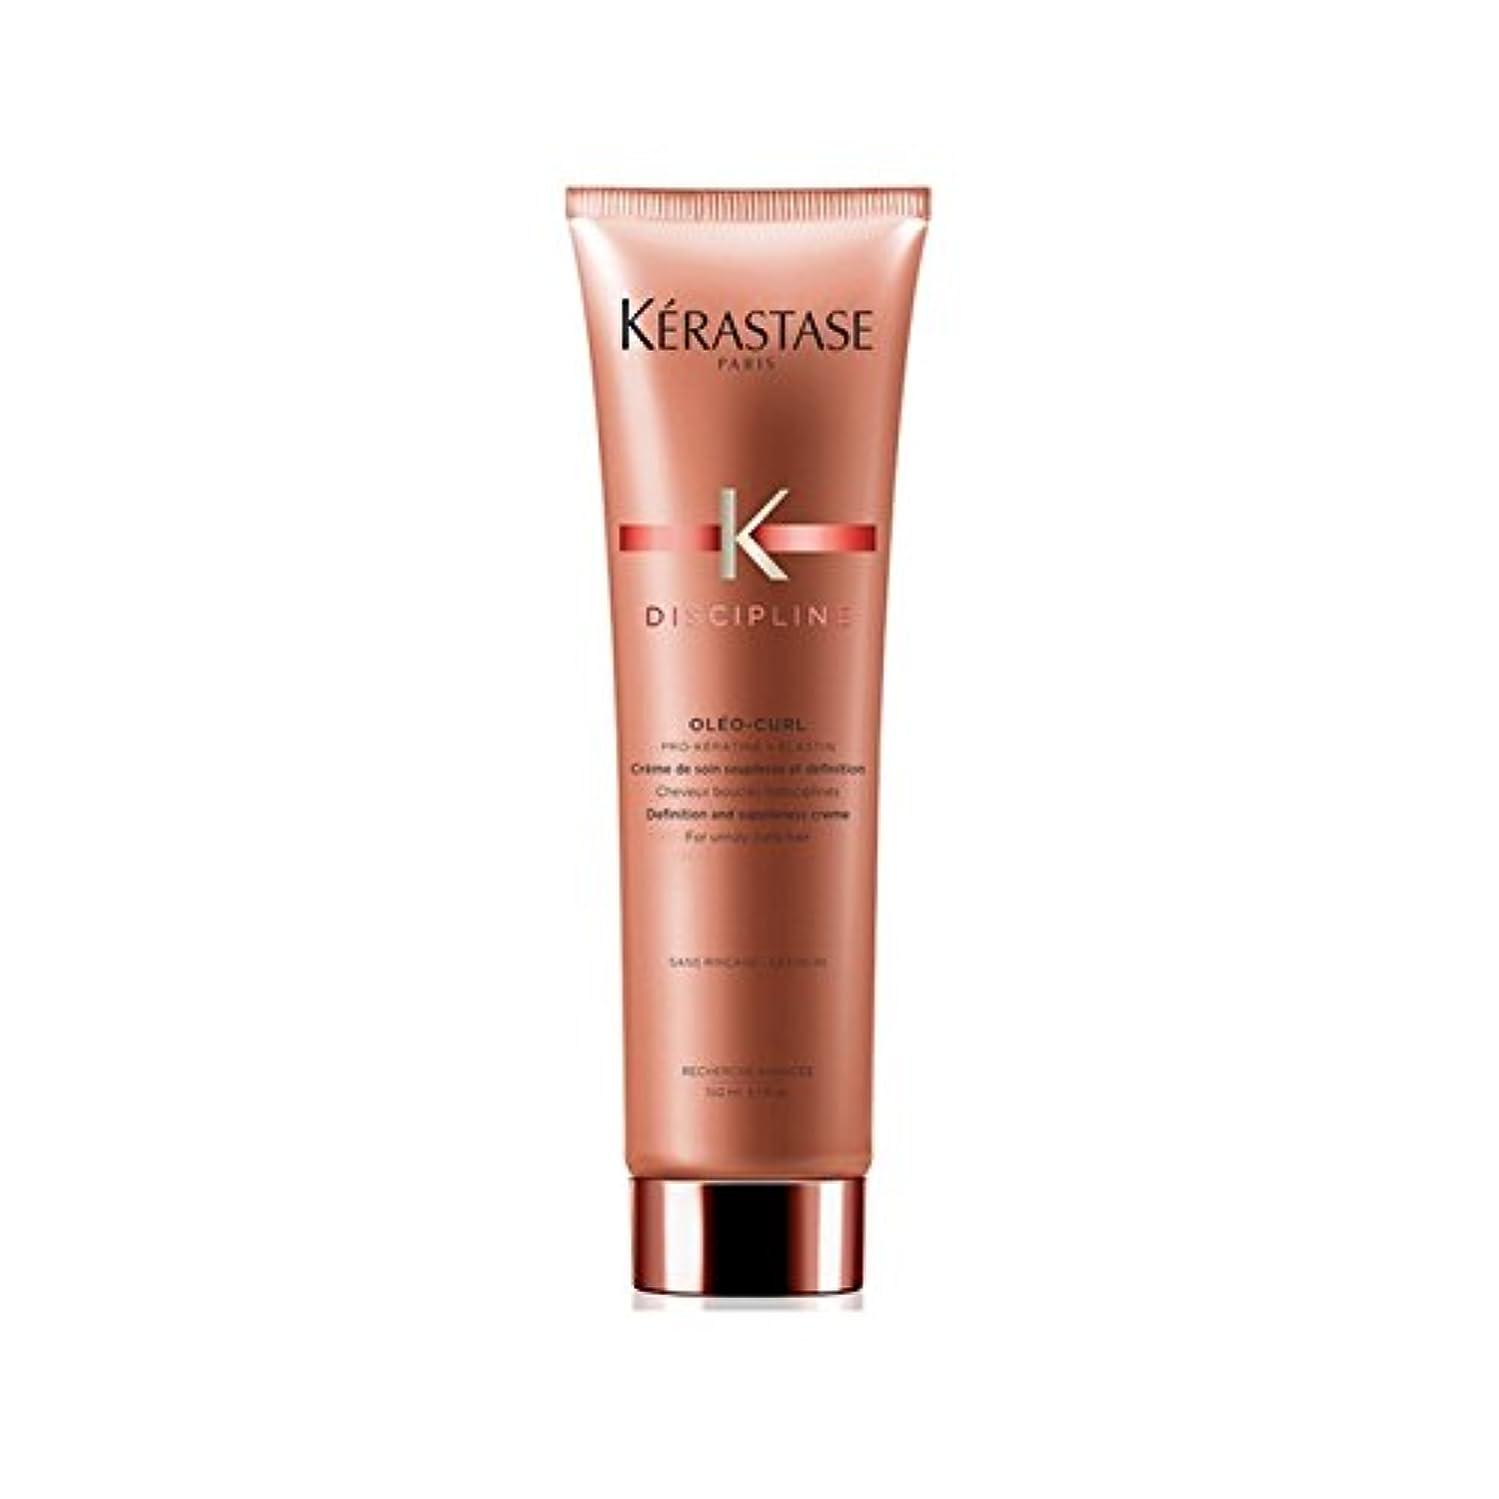 キャリア環境写真理想的なクレンジングコンディショナー400ミリリットルカールケラスターゼの規律 x2 - K?rastase Discipline Curl Ideal Cleansing Conditioner 400ml (Pack...